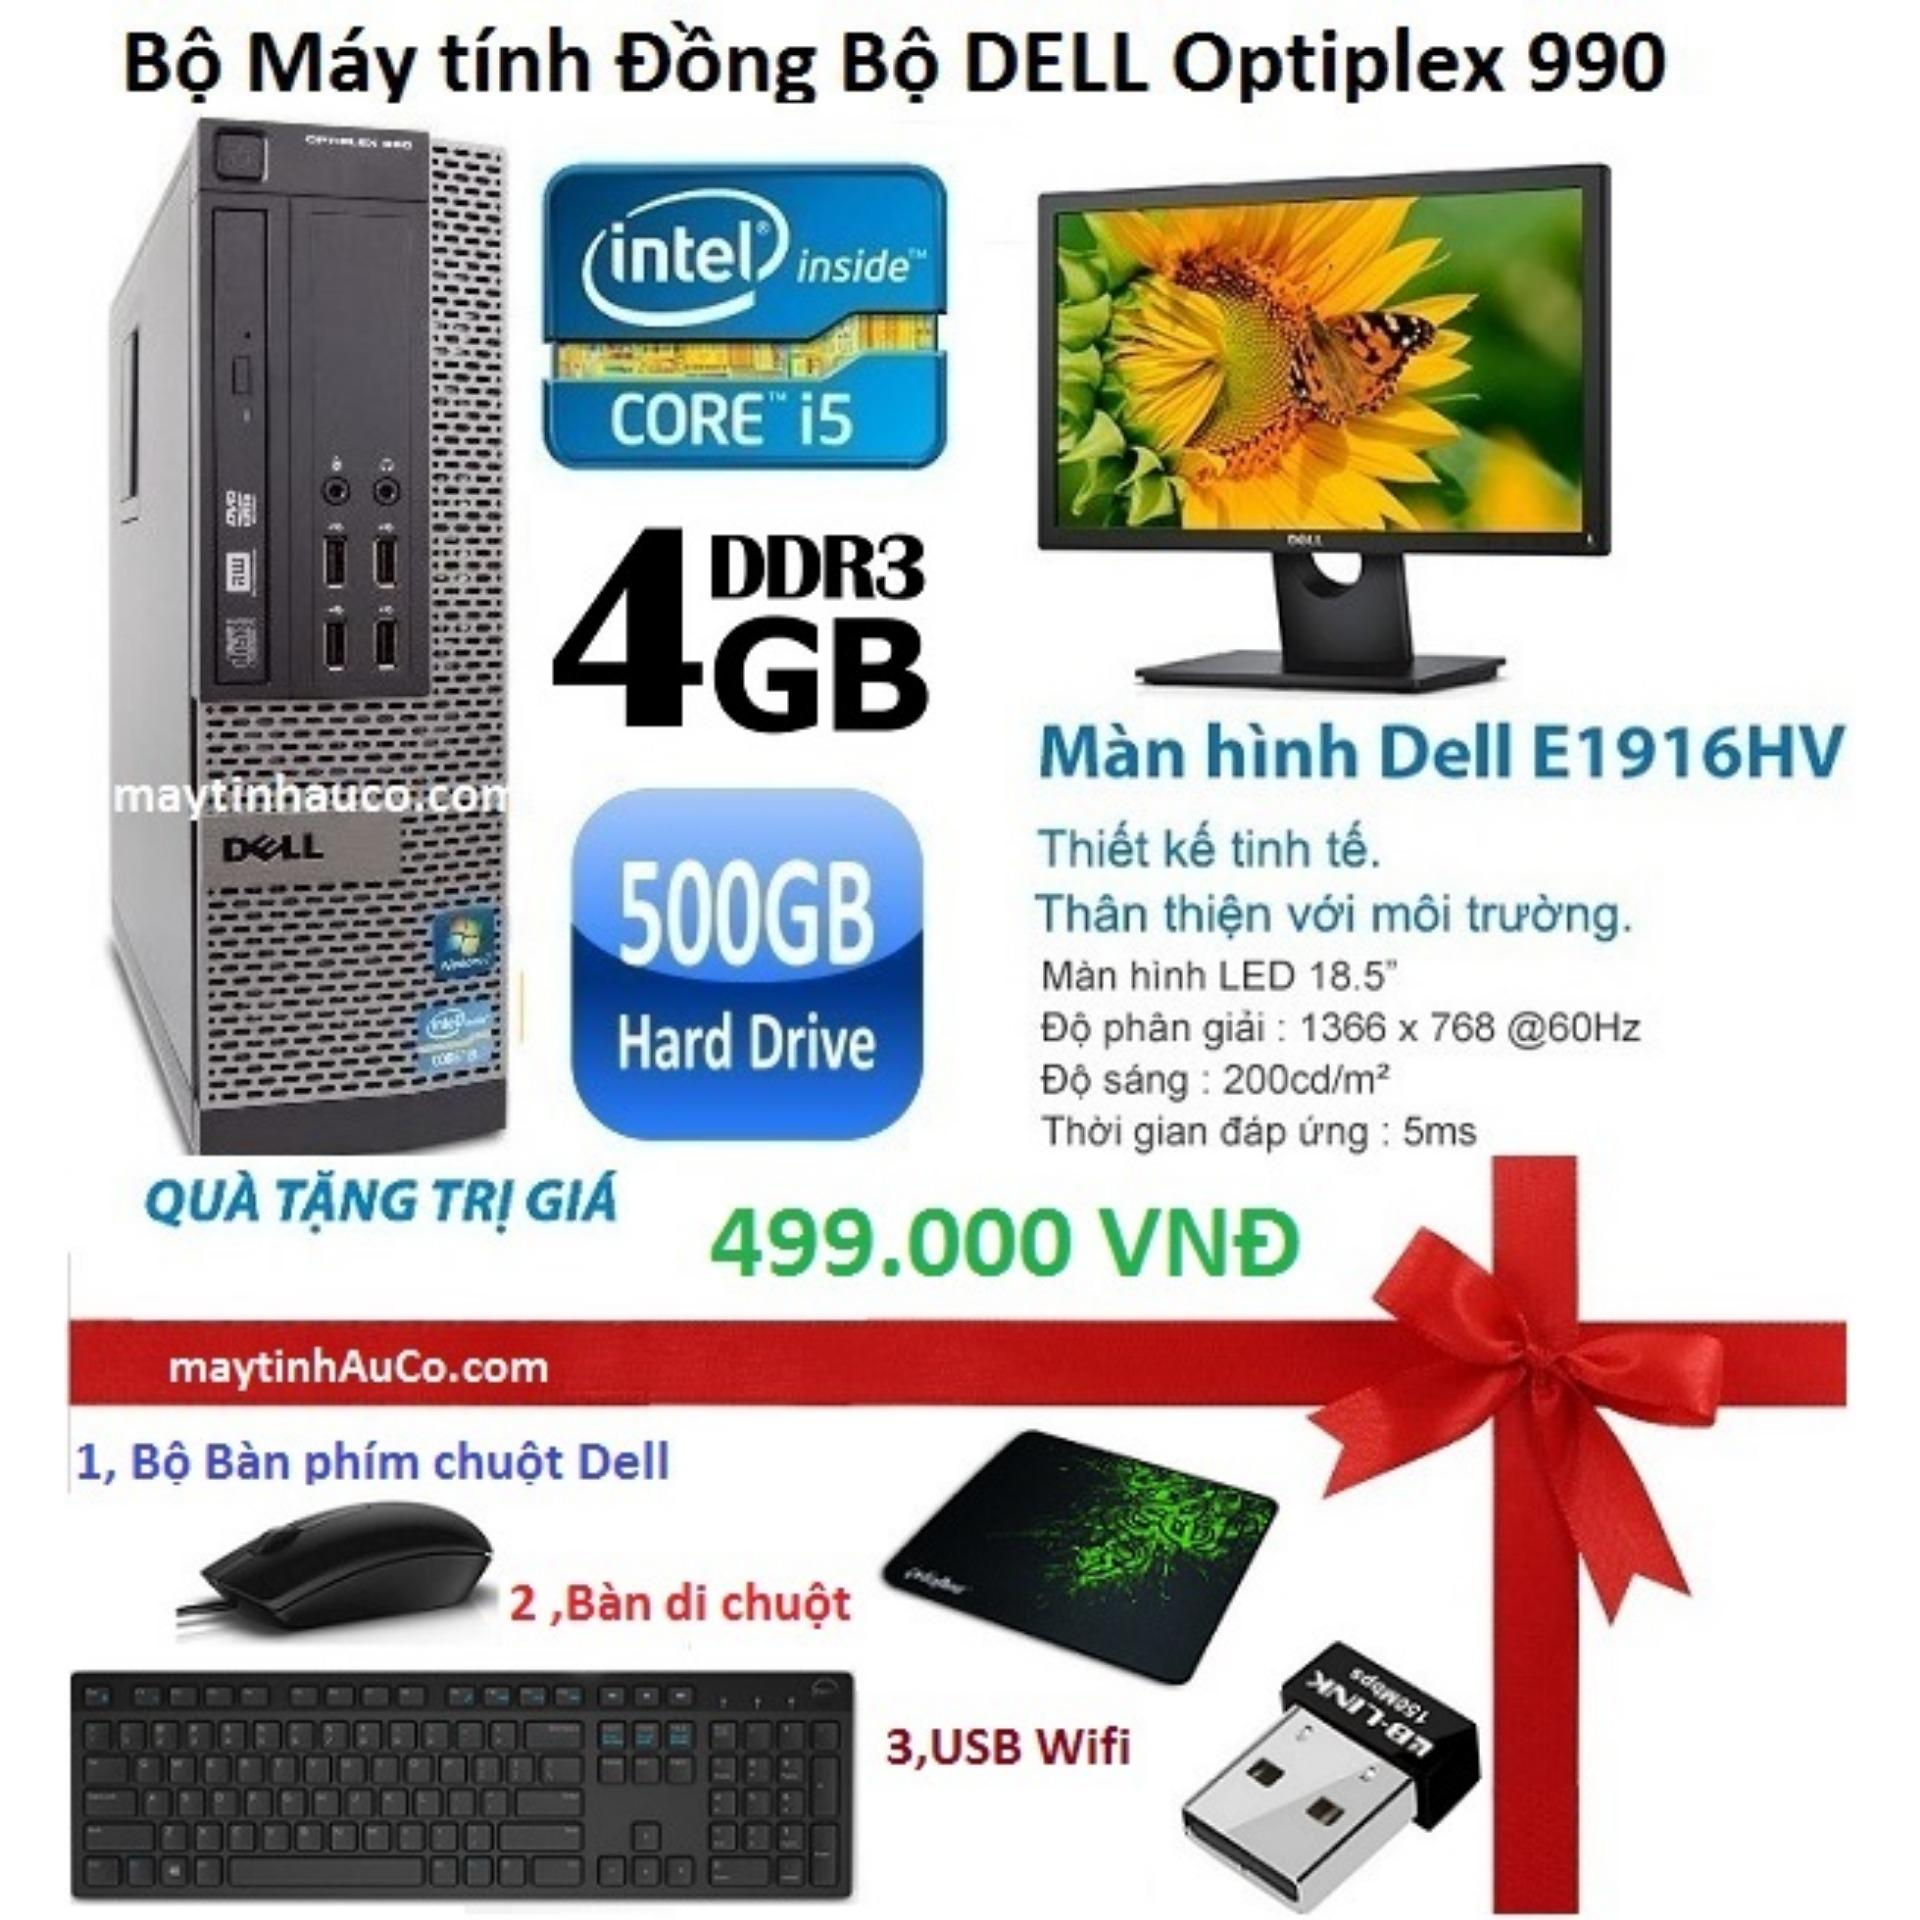 Bộ Máy tính Đồng Bộ DELL  Dell Optiplex 990 (Core i5 2400 / 4G / 500G ) , Màn hình Dell 18.5 inch Wide LED ,Tặng bàn phím chuột , USB Wifi , Bàn di chuột - Hàng Nhập Khẩu